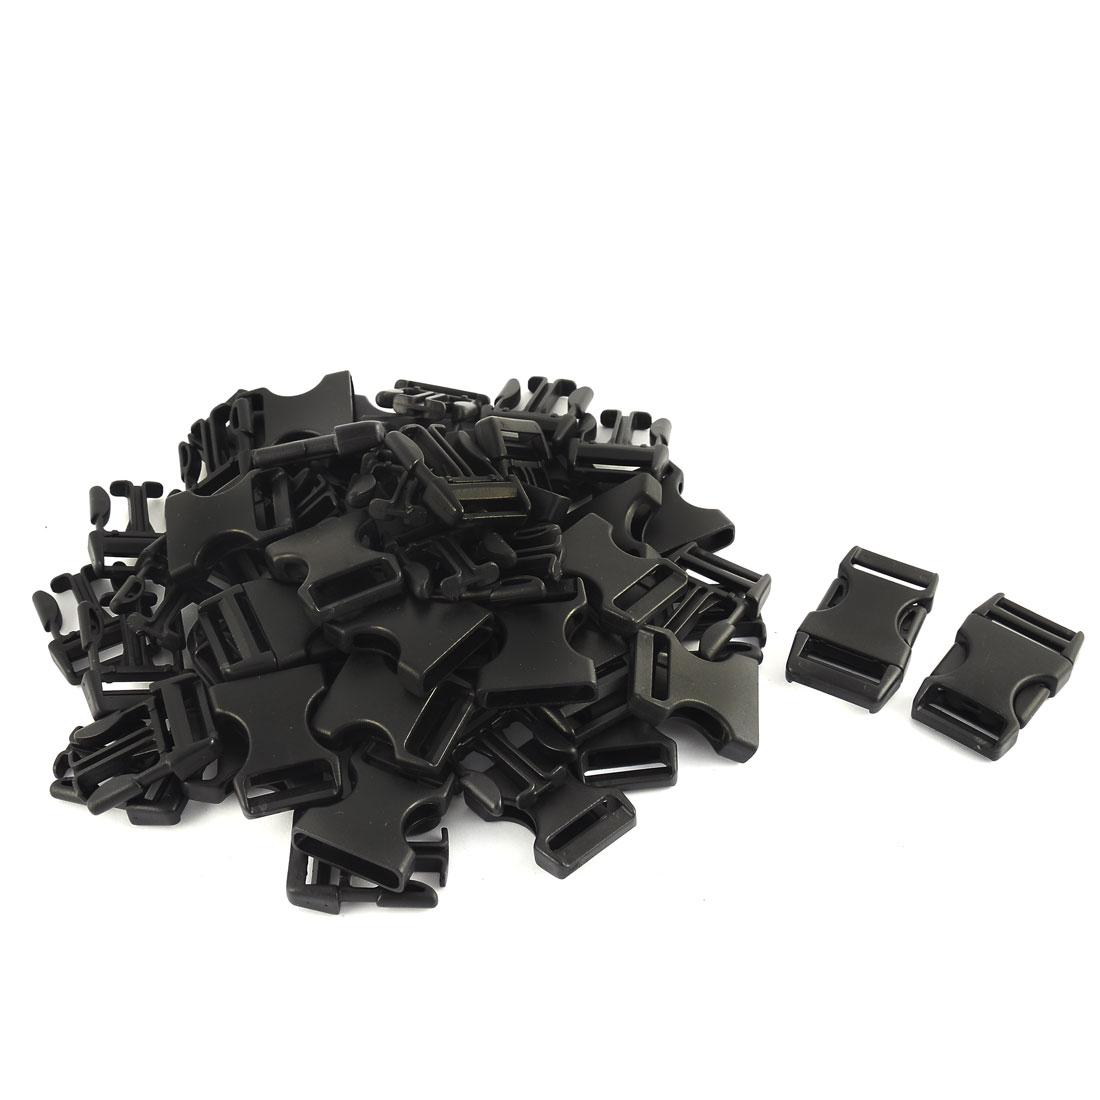 Backpack Bag Strap Plastic Side Quick Release Buckle Black 26mm Width 30pcs